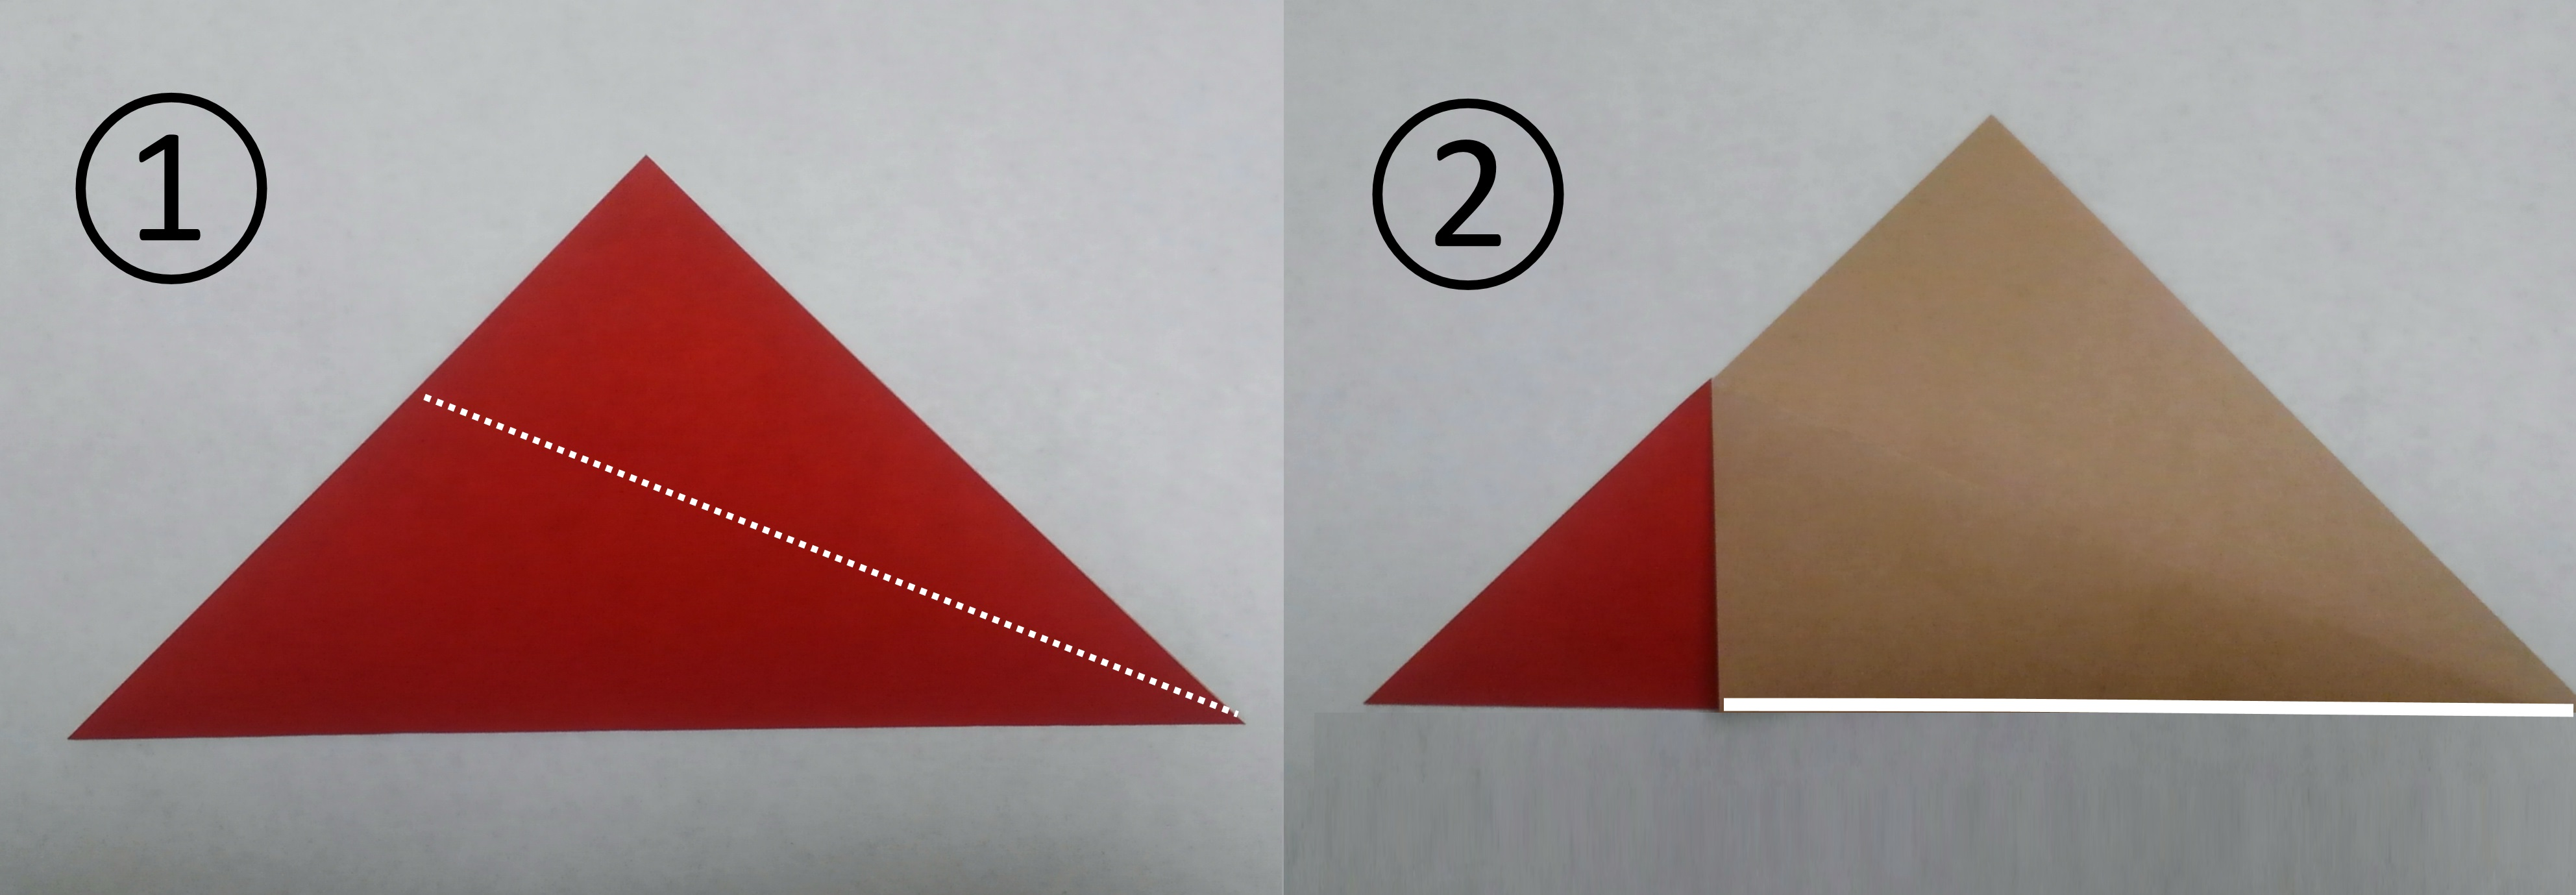 花菖蒲リースの折り紙の作り方1と2